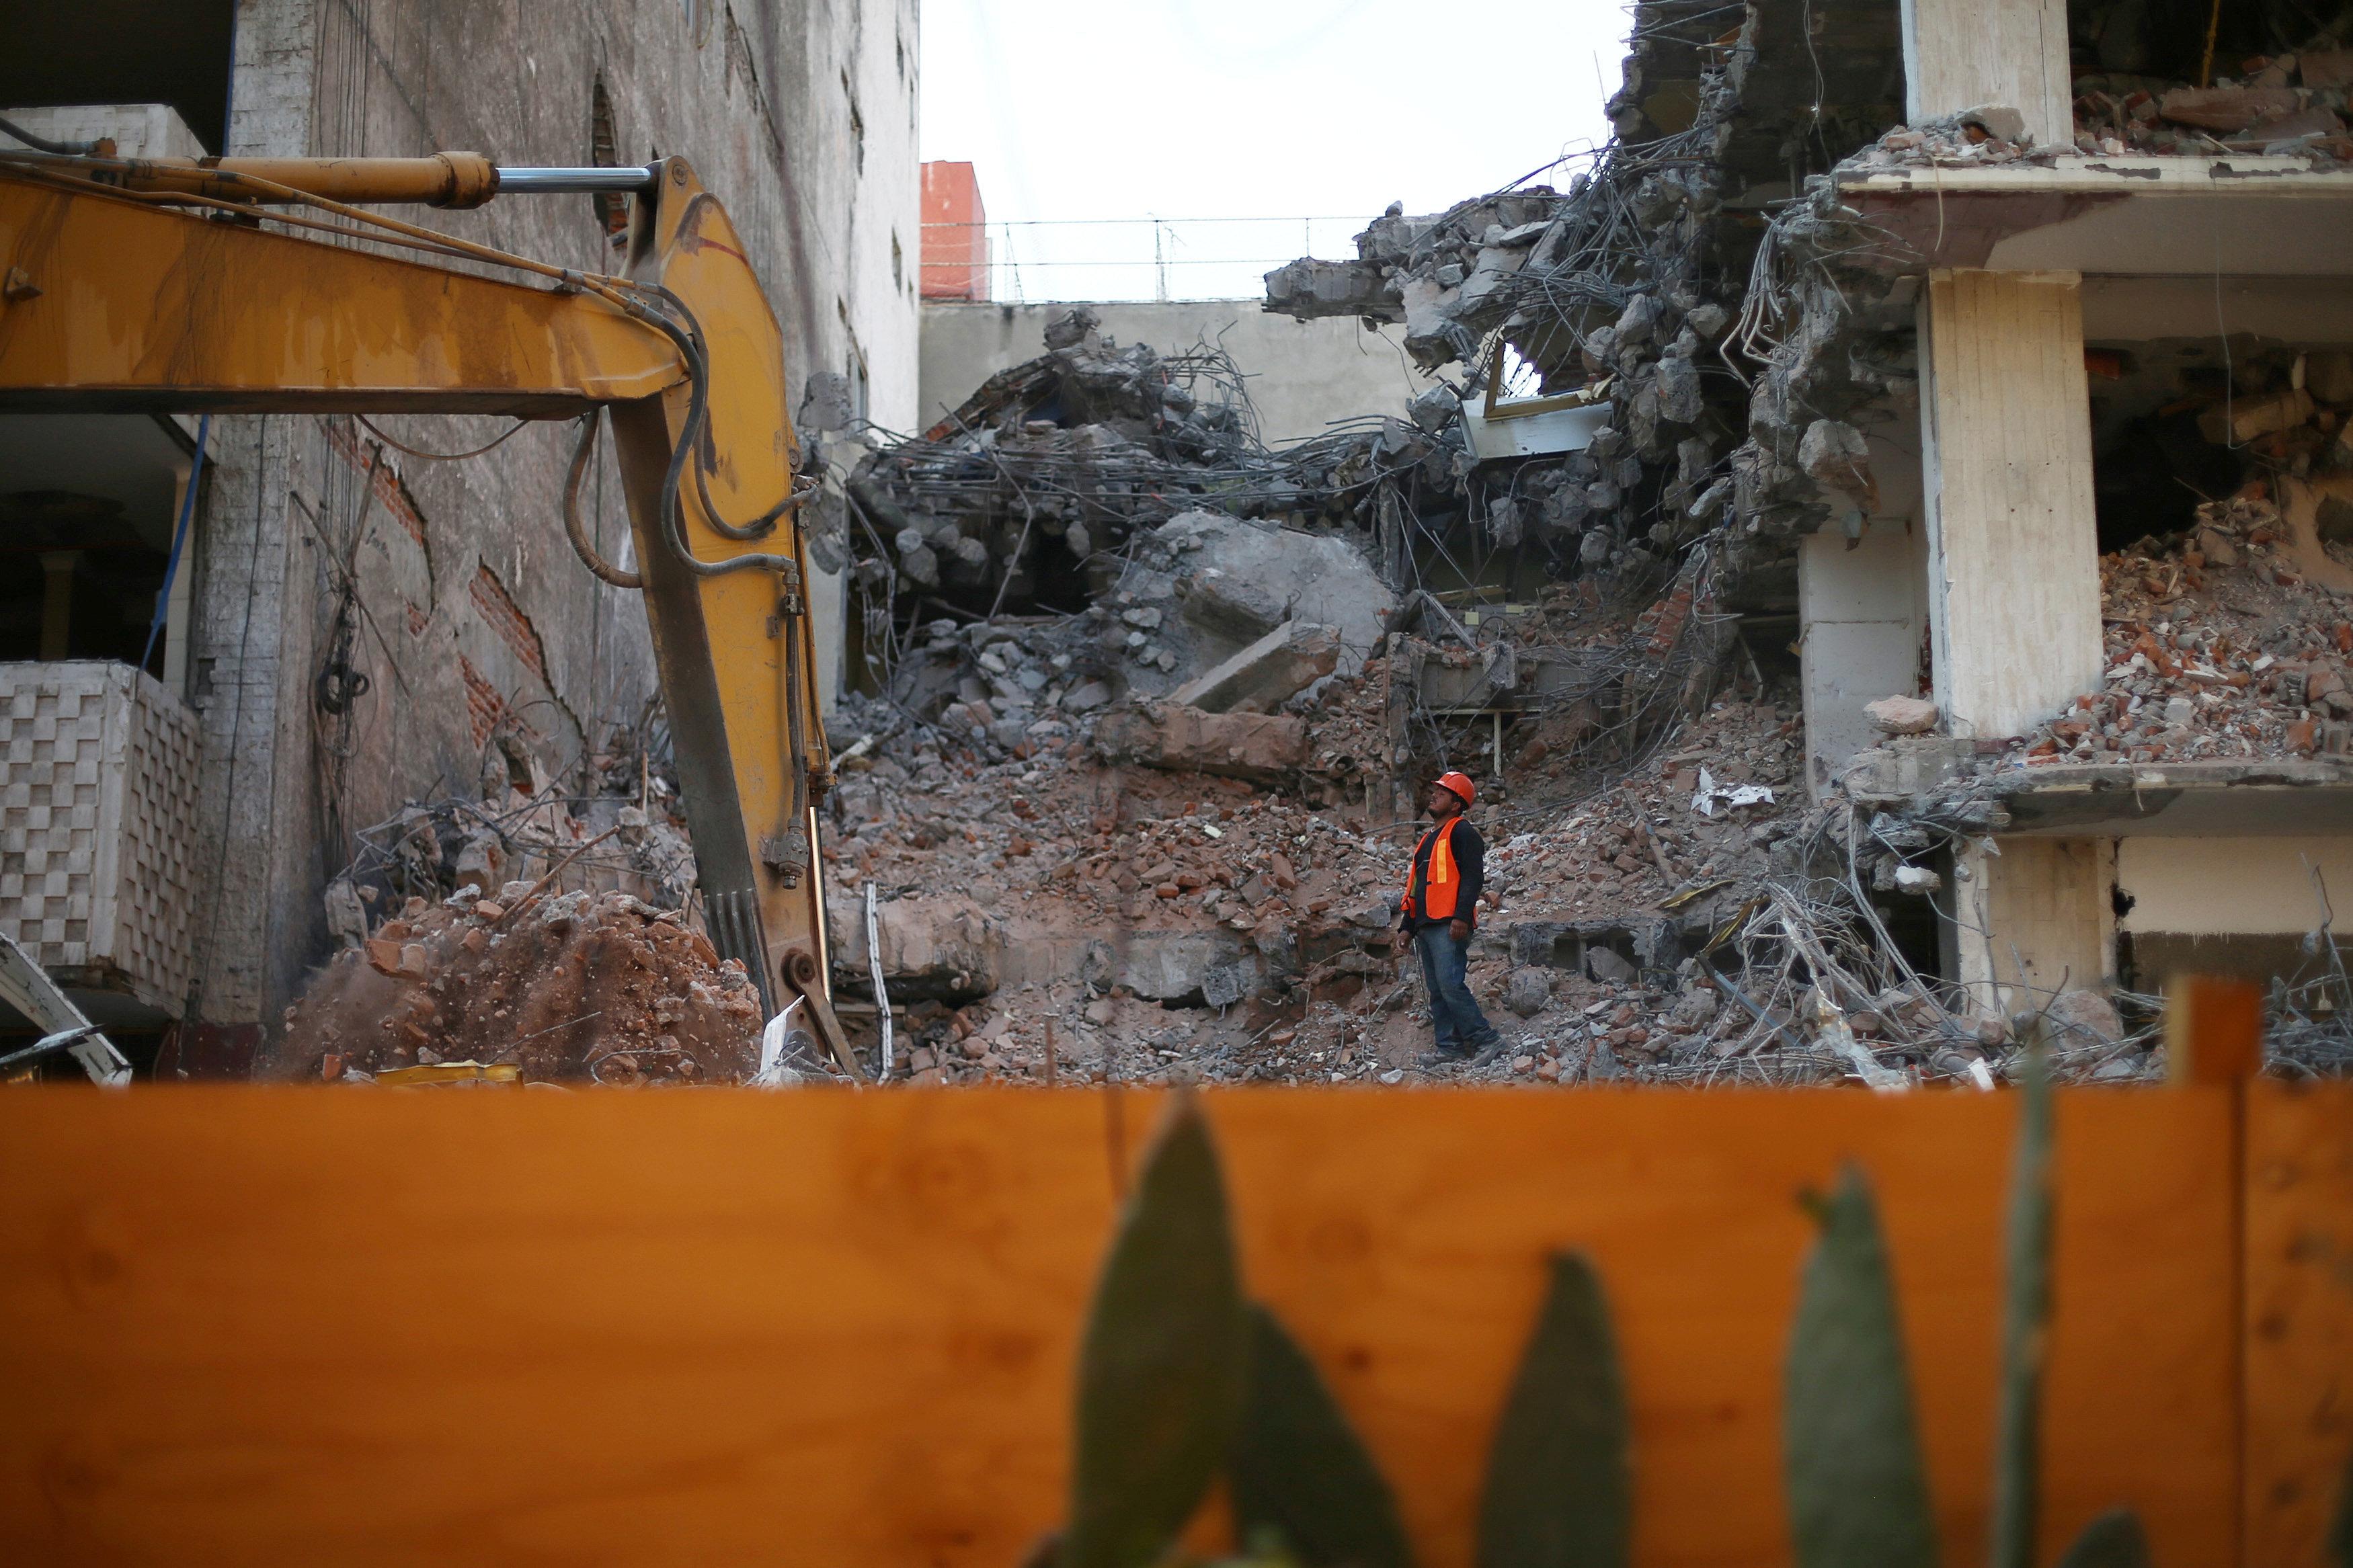 Μεξικό: Σεισμός 6,1 Ρίχτερ. Οι πρώτες πληροφορίες κάνουν λόγο για